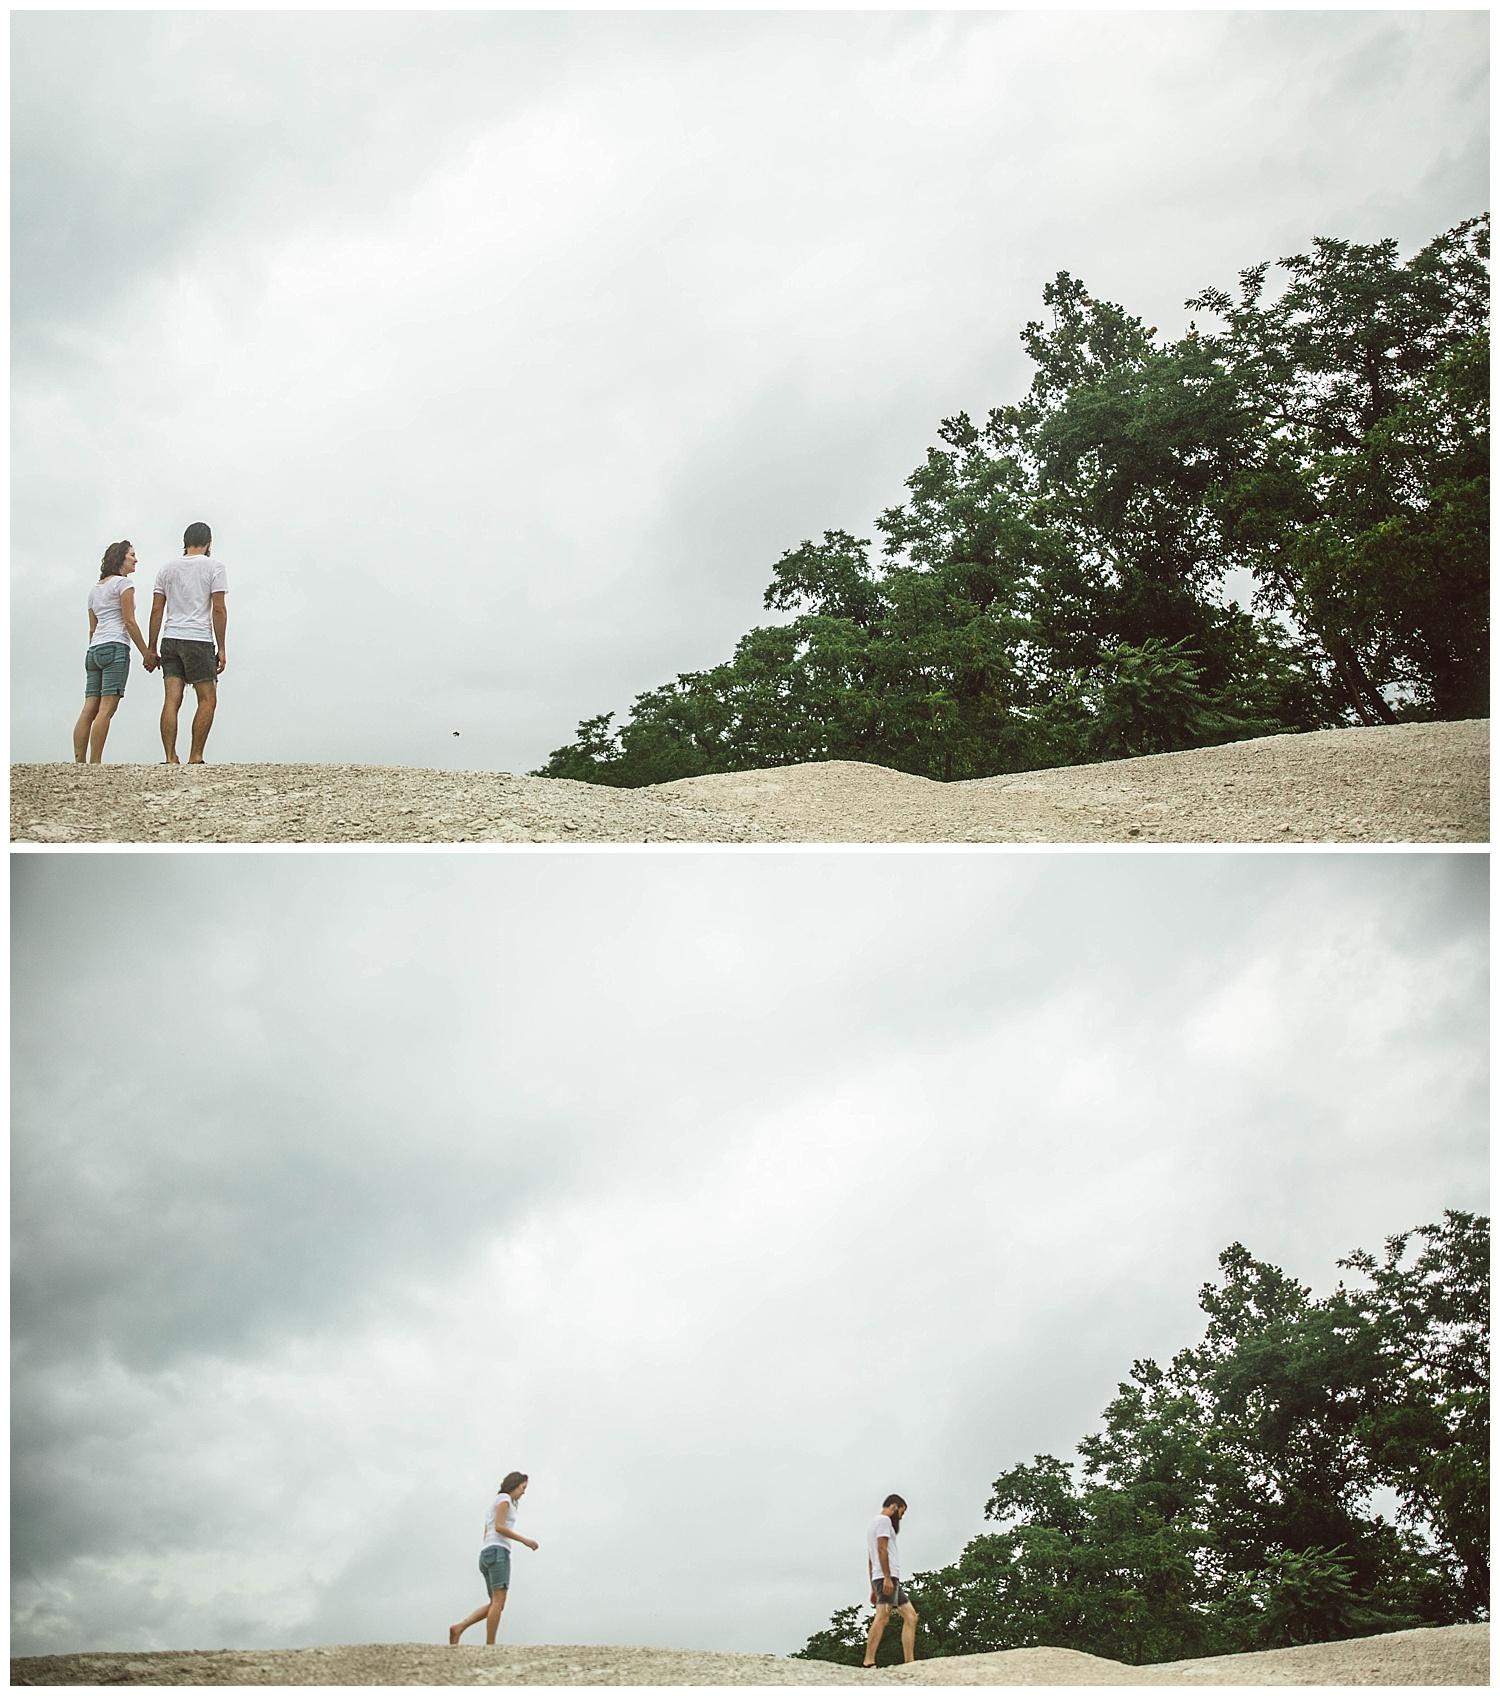 2017-07-26_0006.jpg